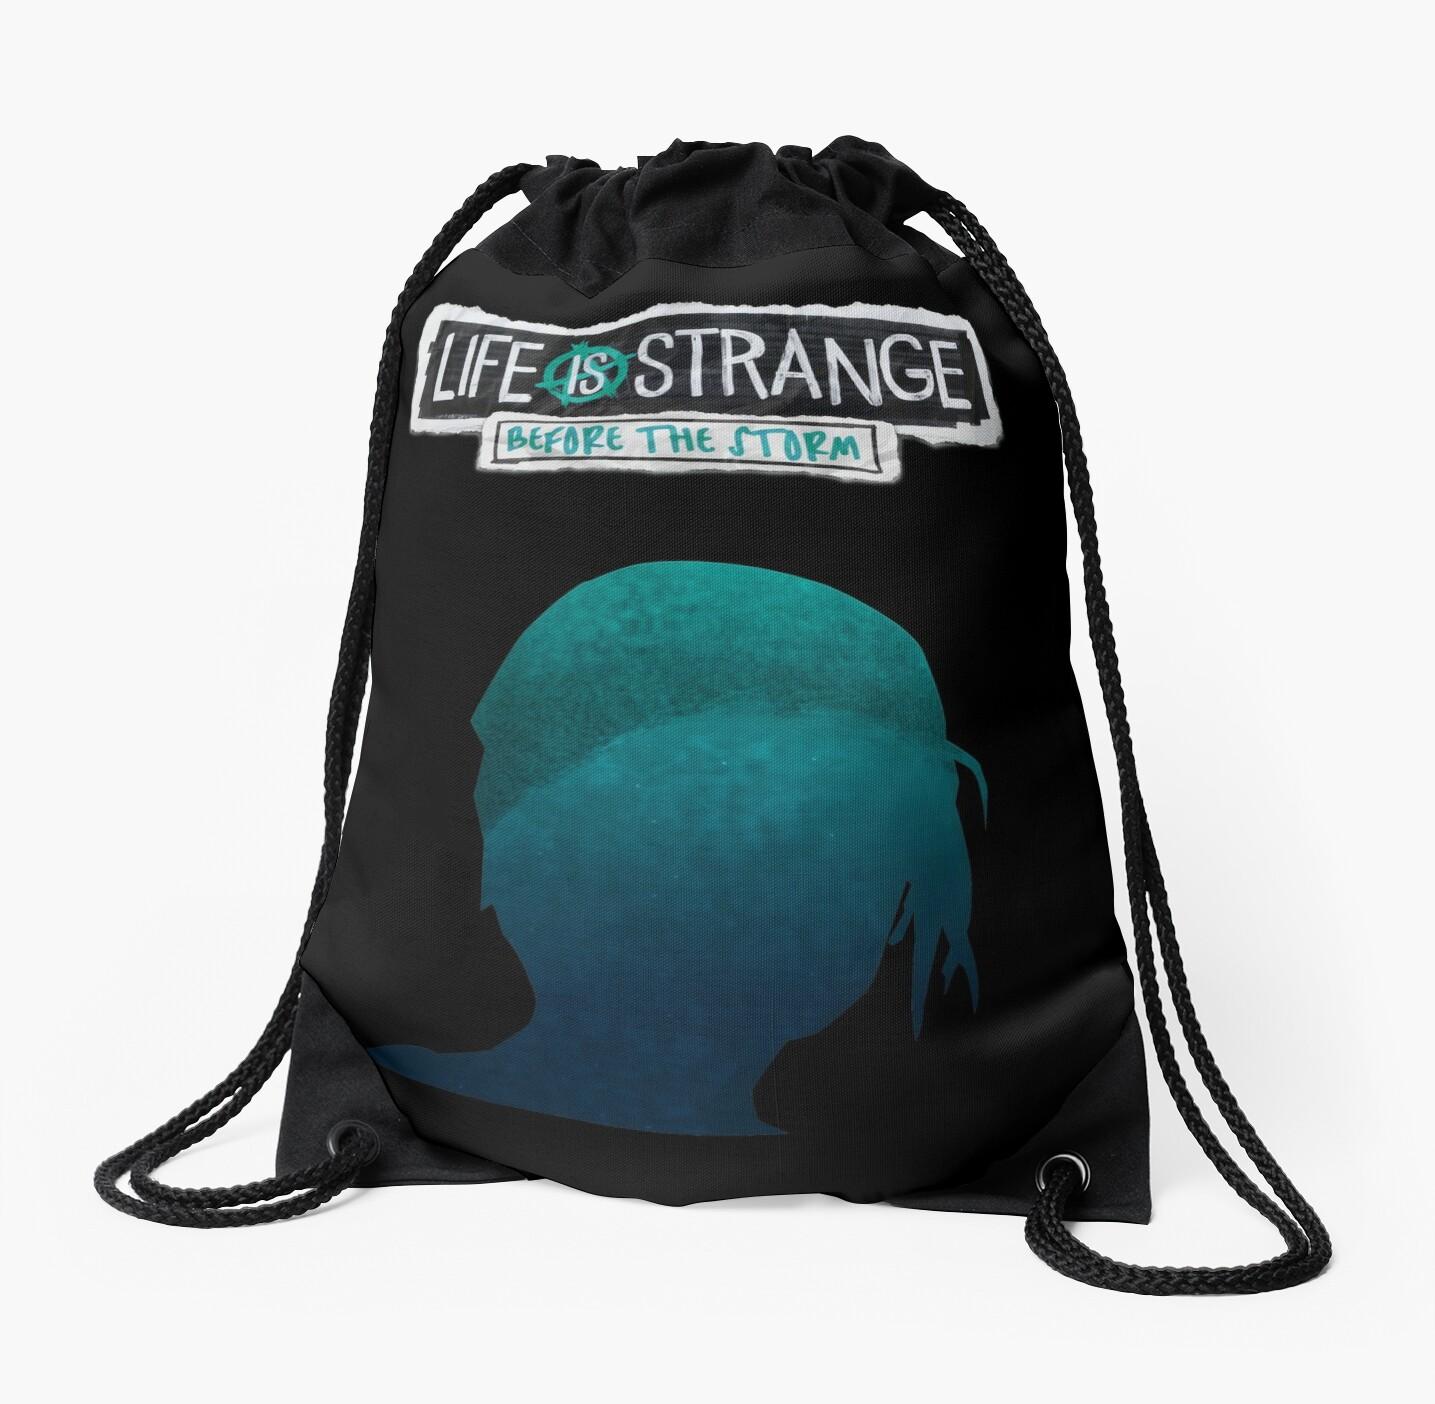 26e9291216b3 Life is Strange BtS - Chloe